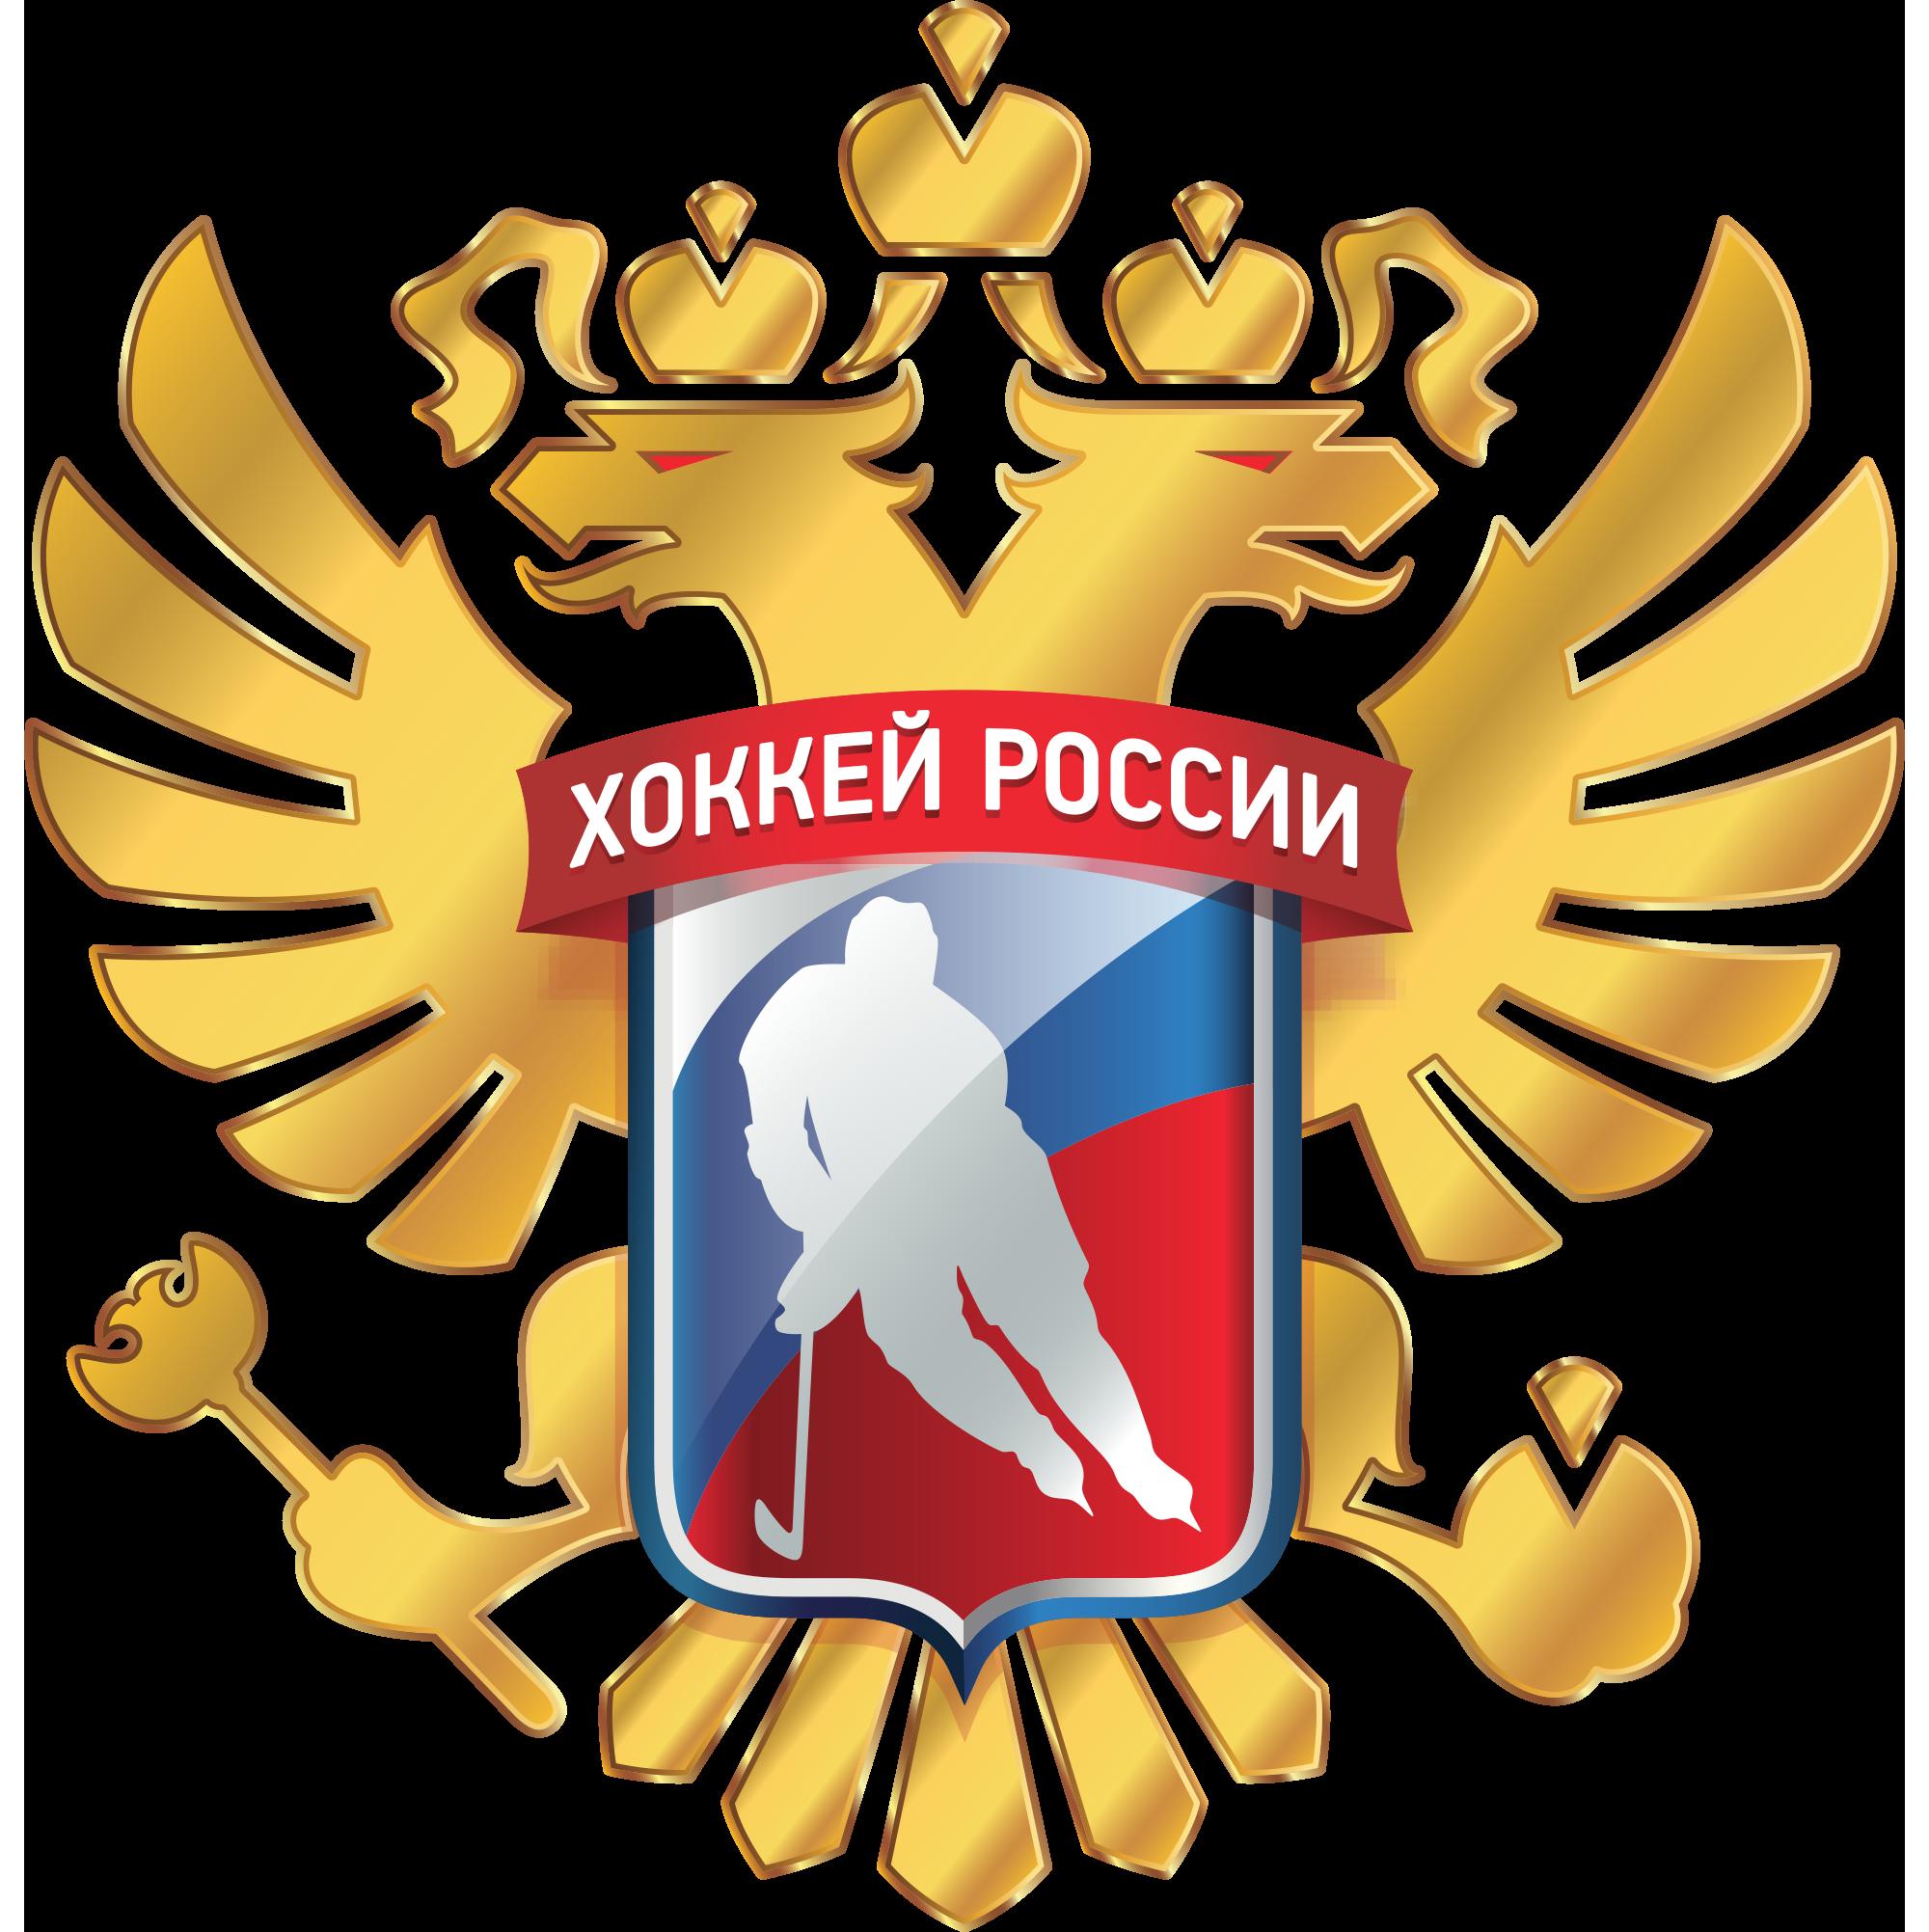 эмблема (логотип) Федерации хоккея России